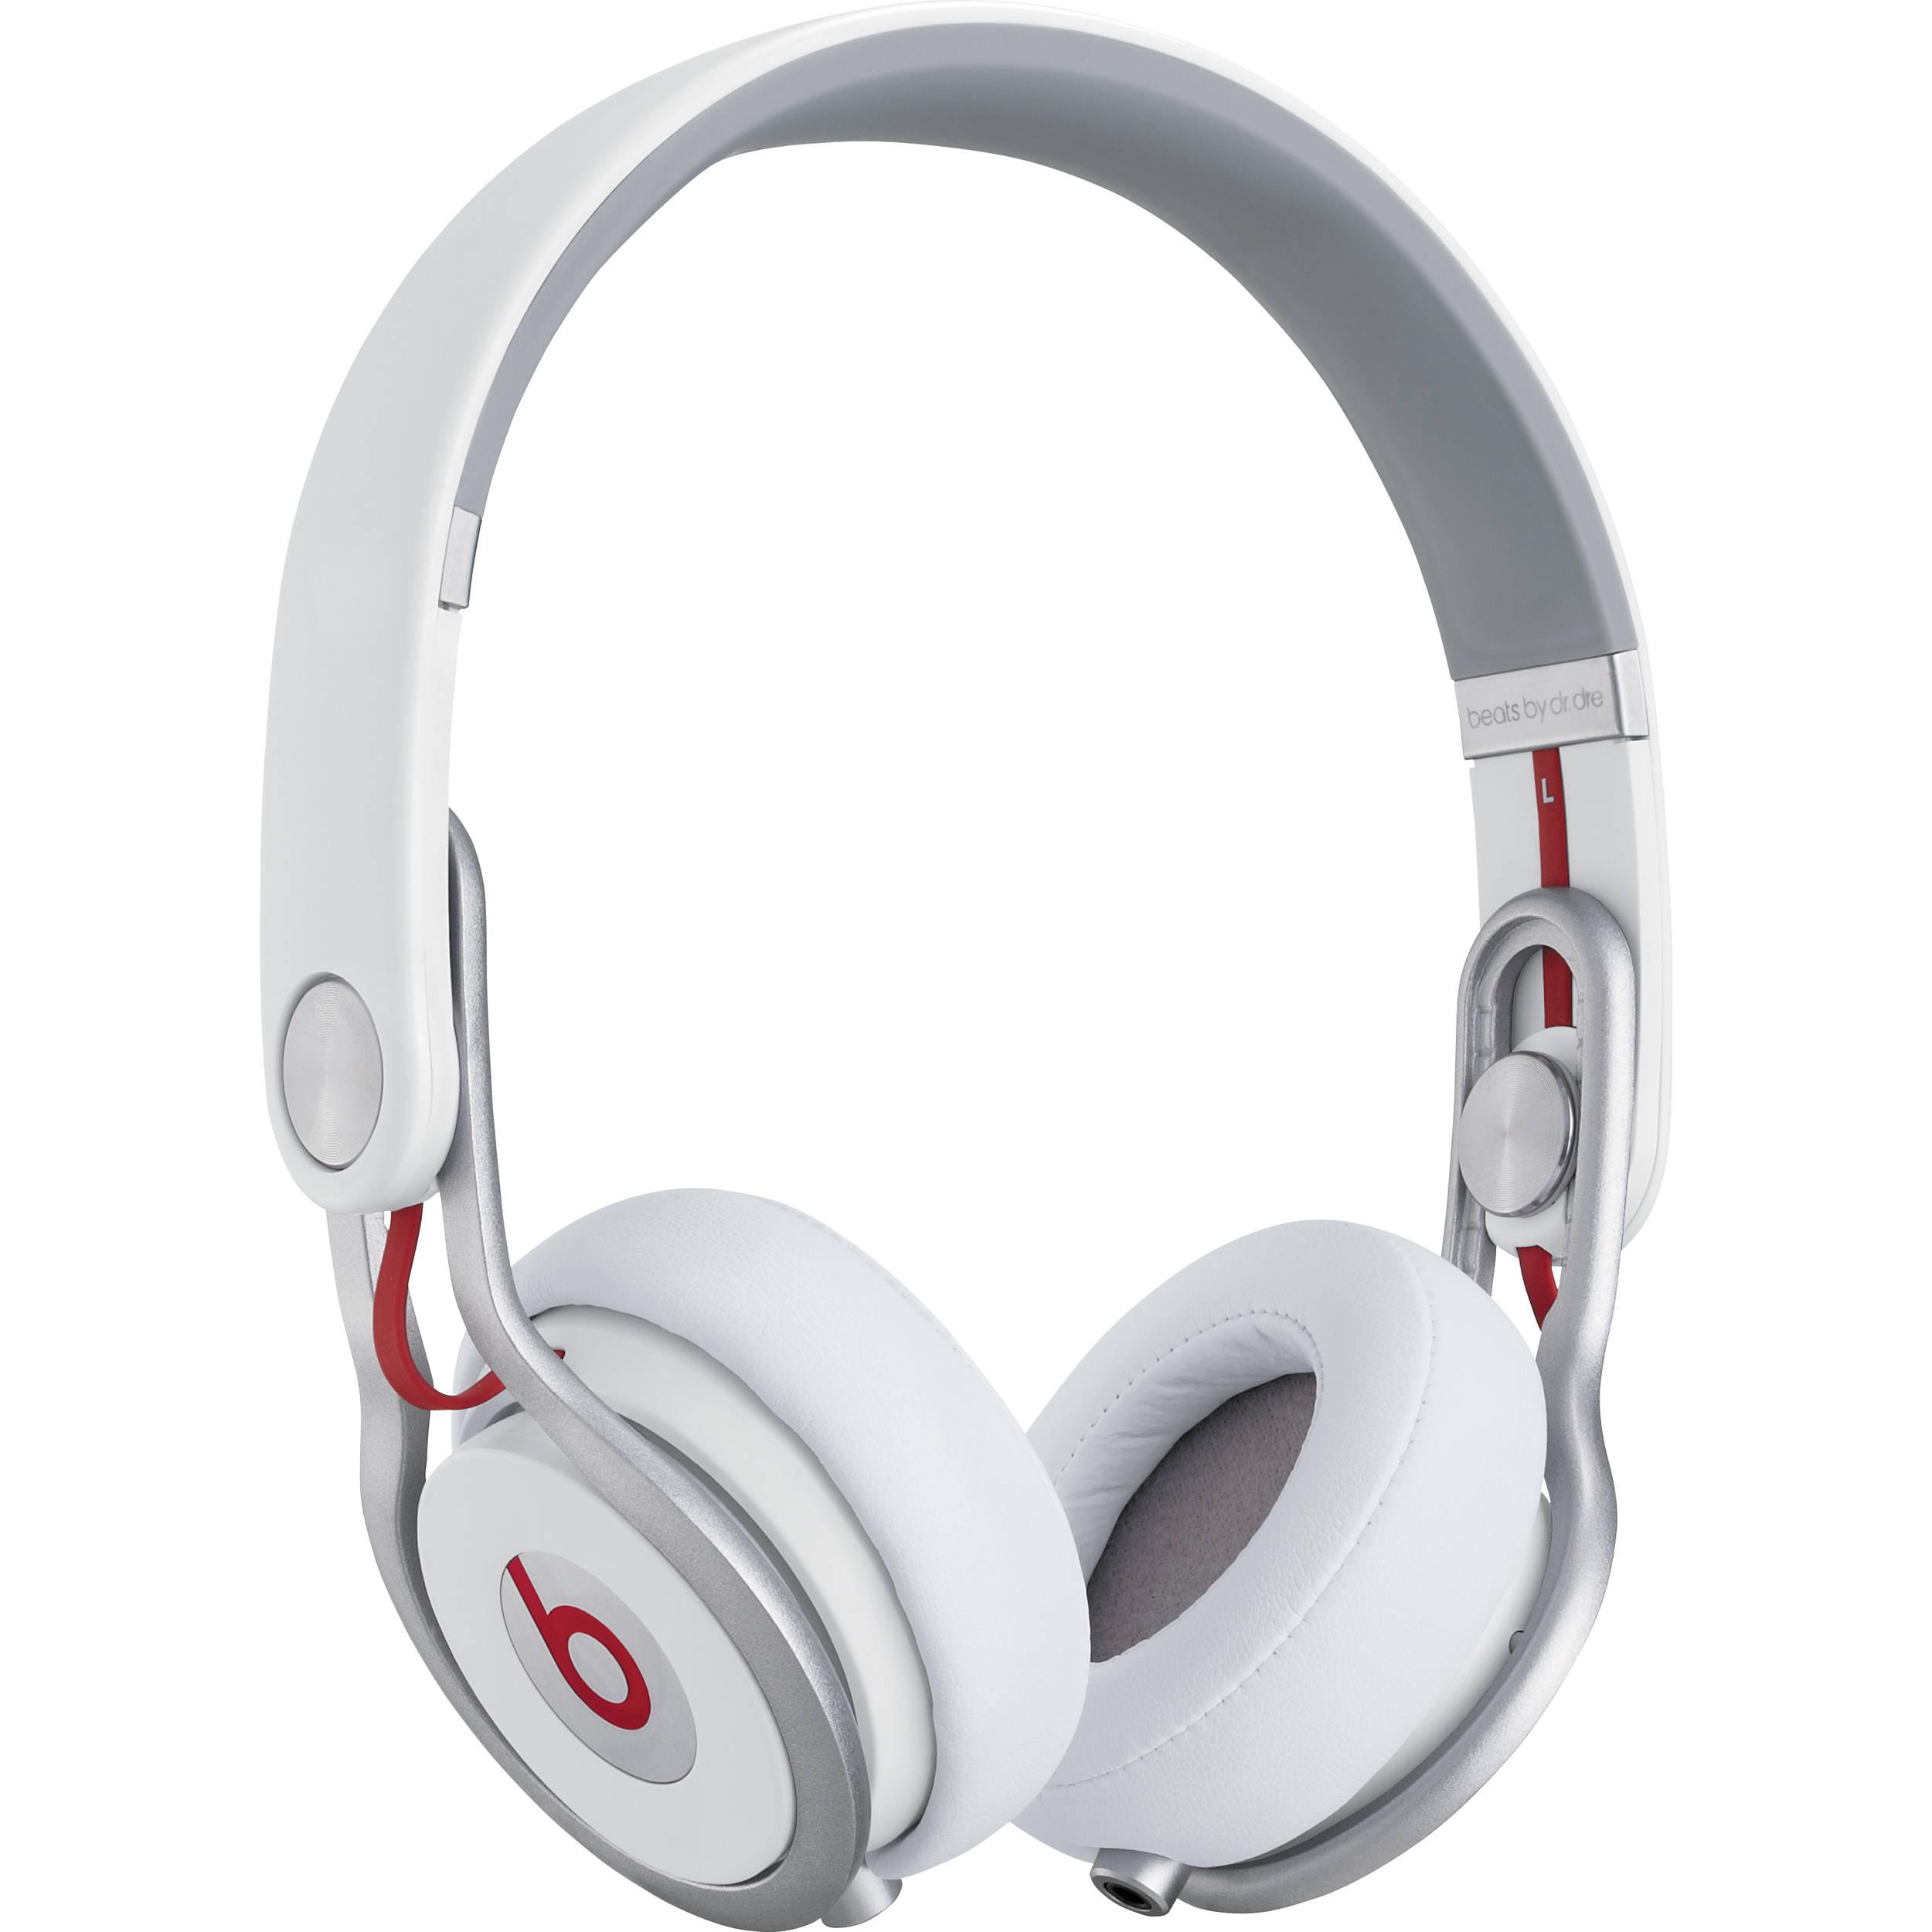 Beats headphones wireless dre - headphones beats pink wireless